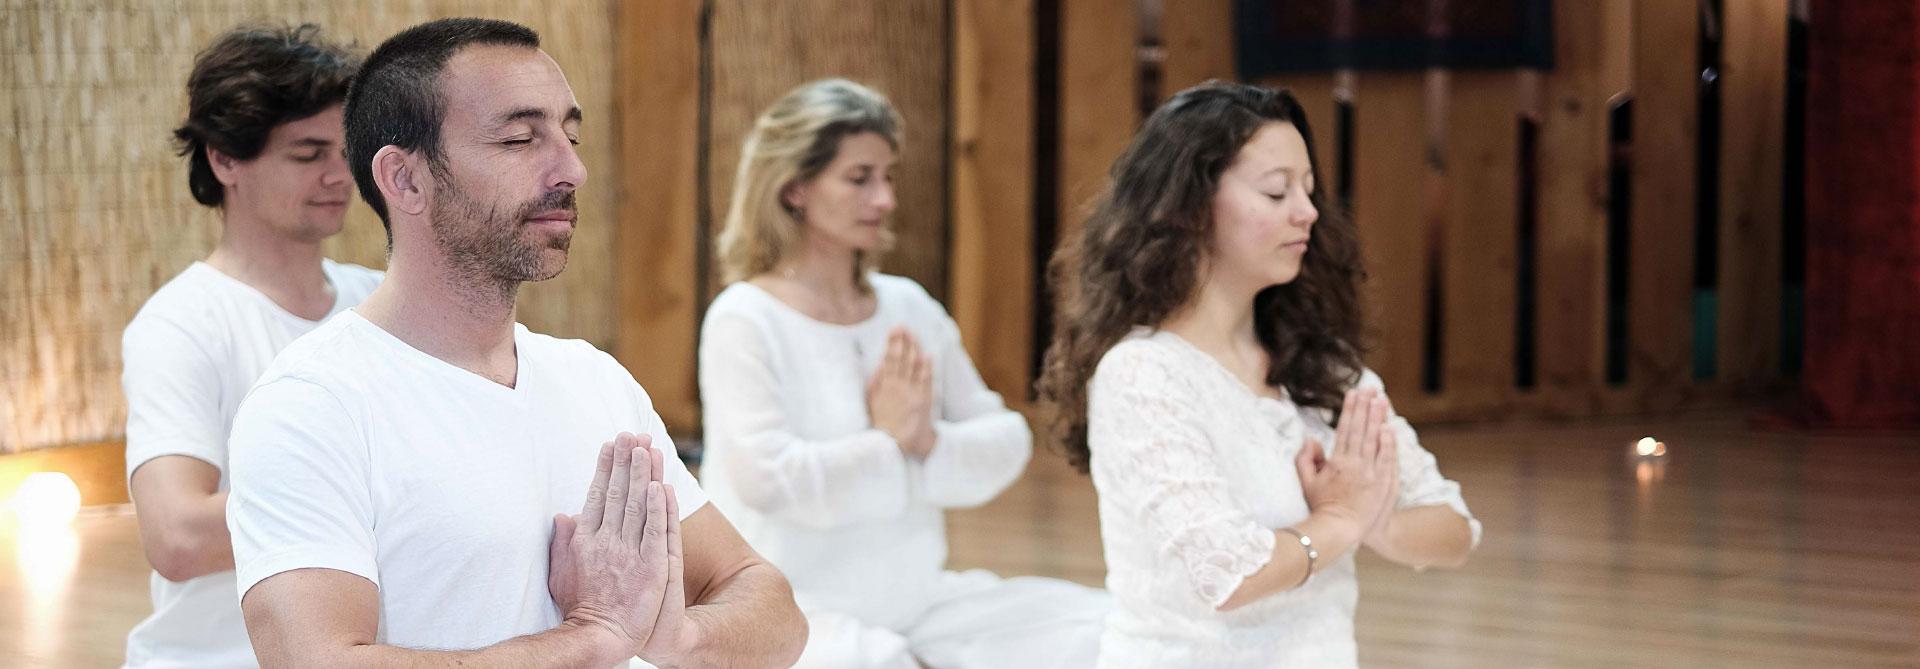 Le kundalini yoga vient du nord de l'Inde, du Penjab